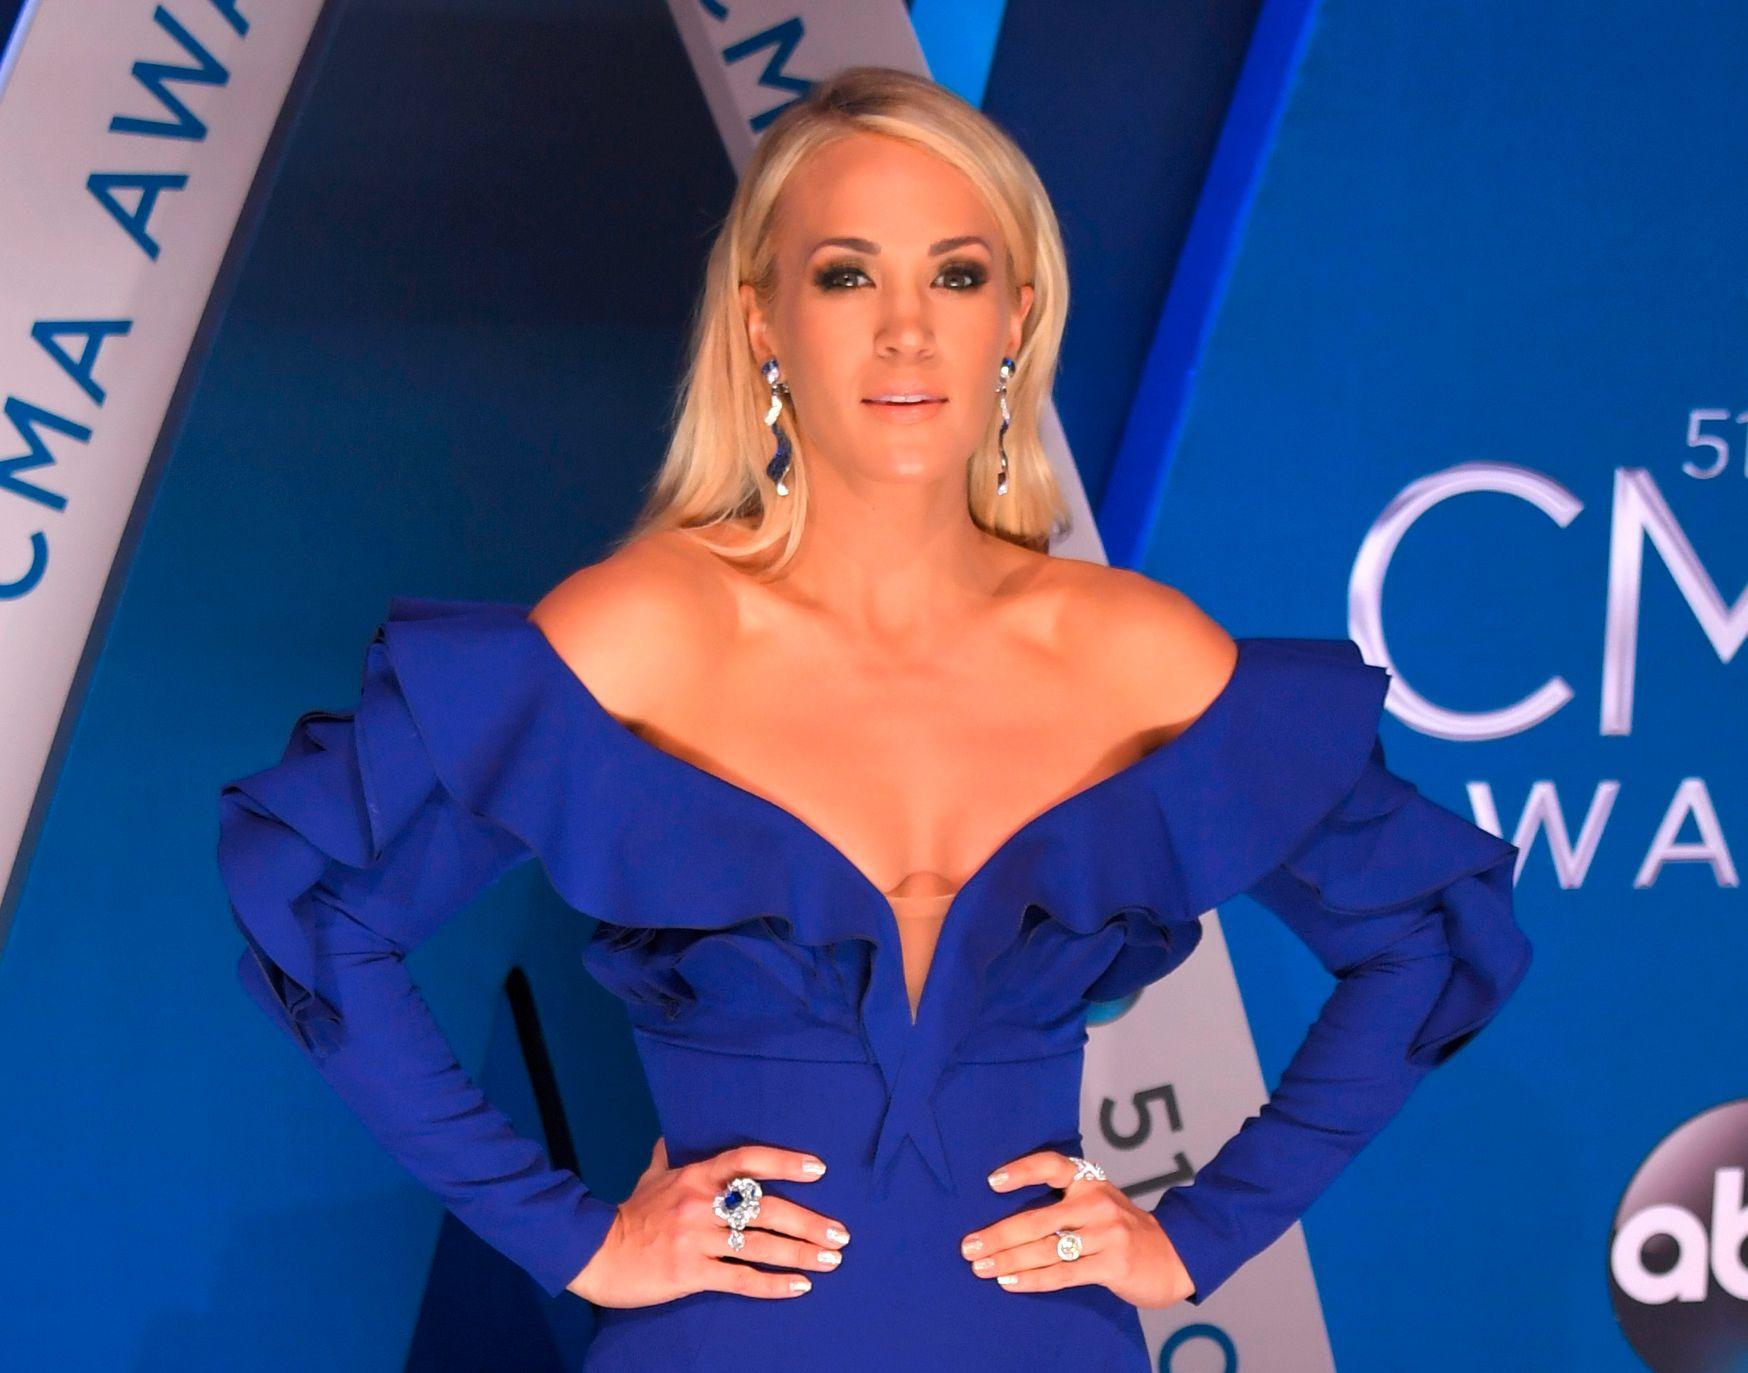 STJERNEARTIST: Musiker Carrie Underwood, her på tilstelningen hun ledet i Nashville før jul.